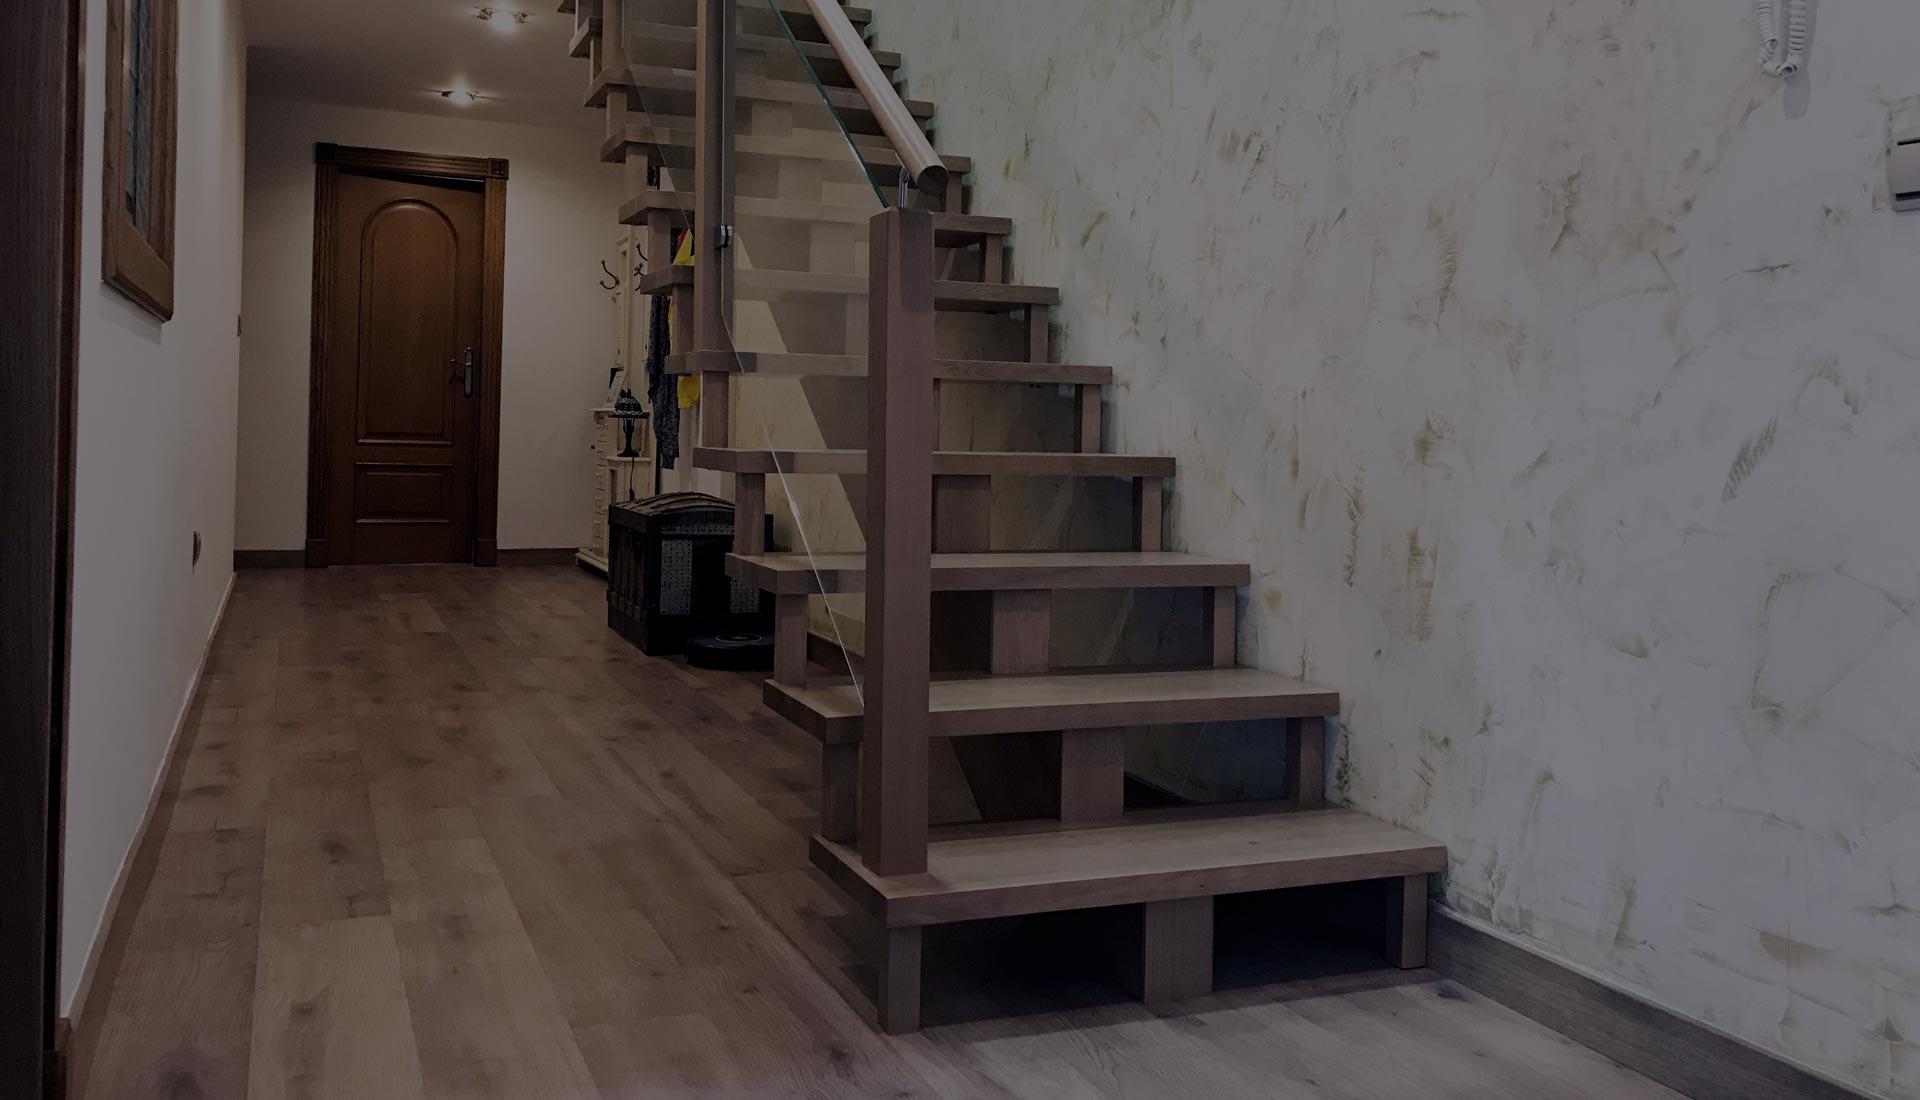 fabricación de escaleras